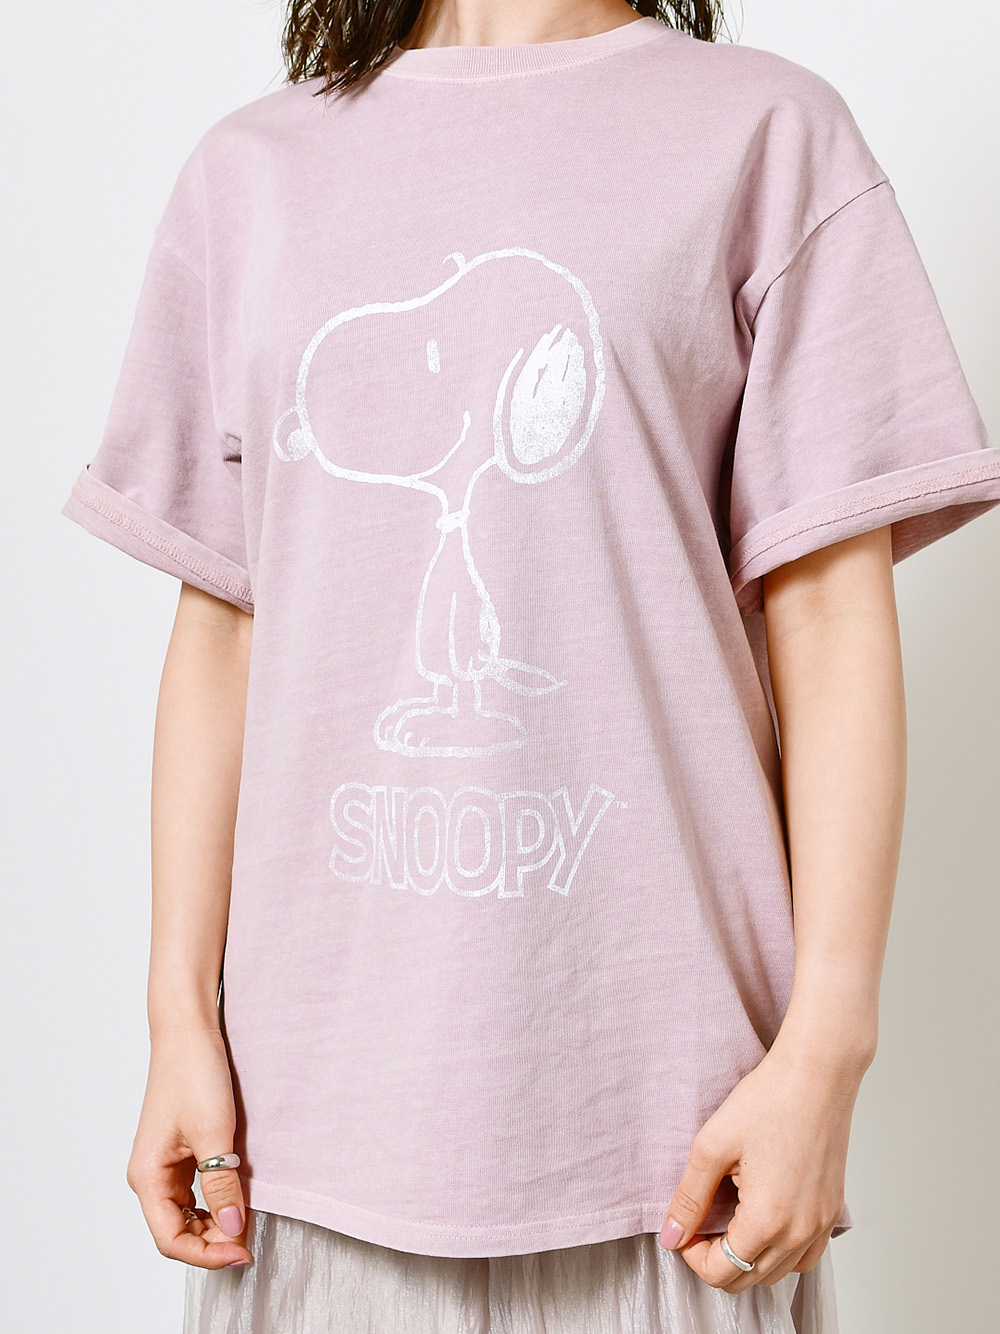 【SNIDEL meets PEANUTS】Tシャツ(LAV-F)